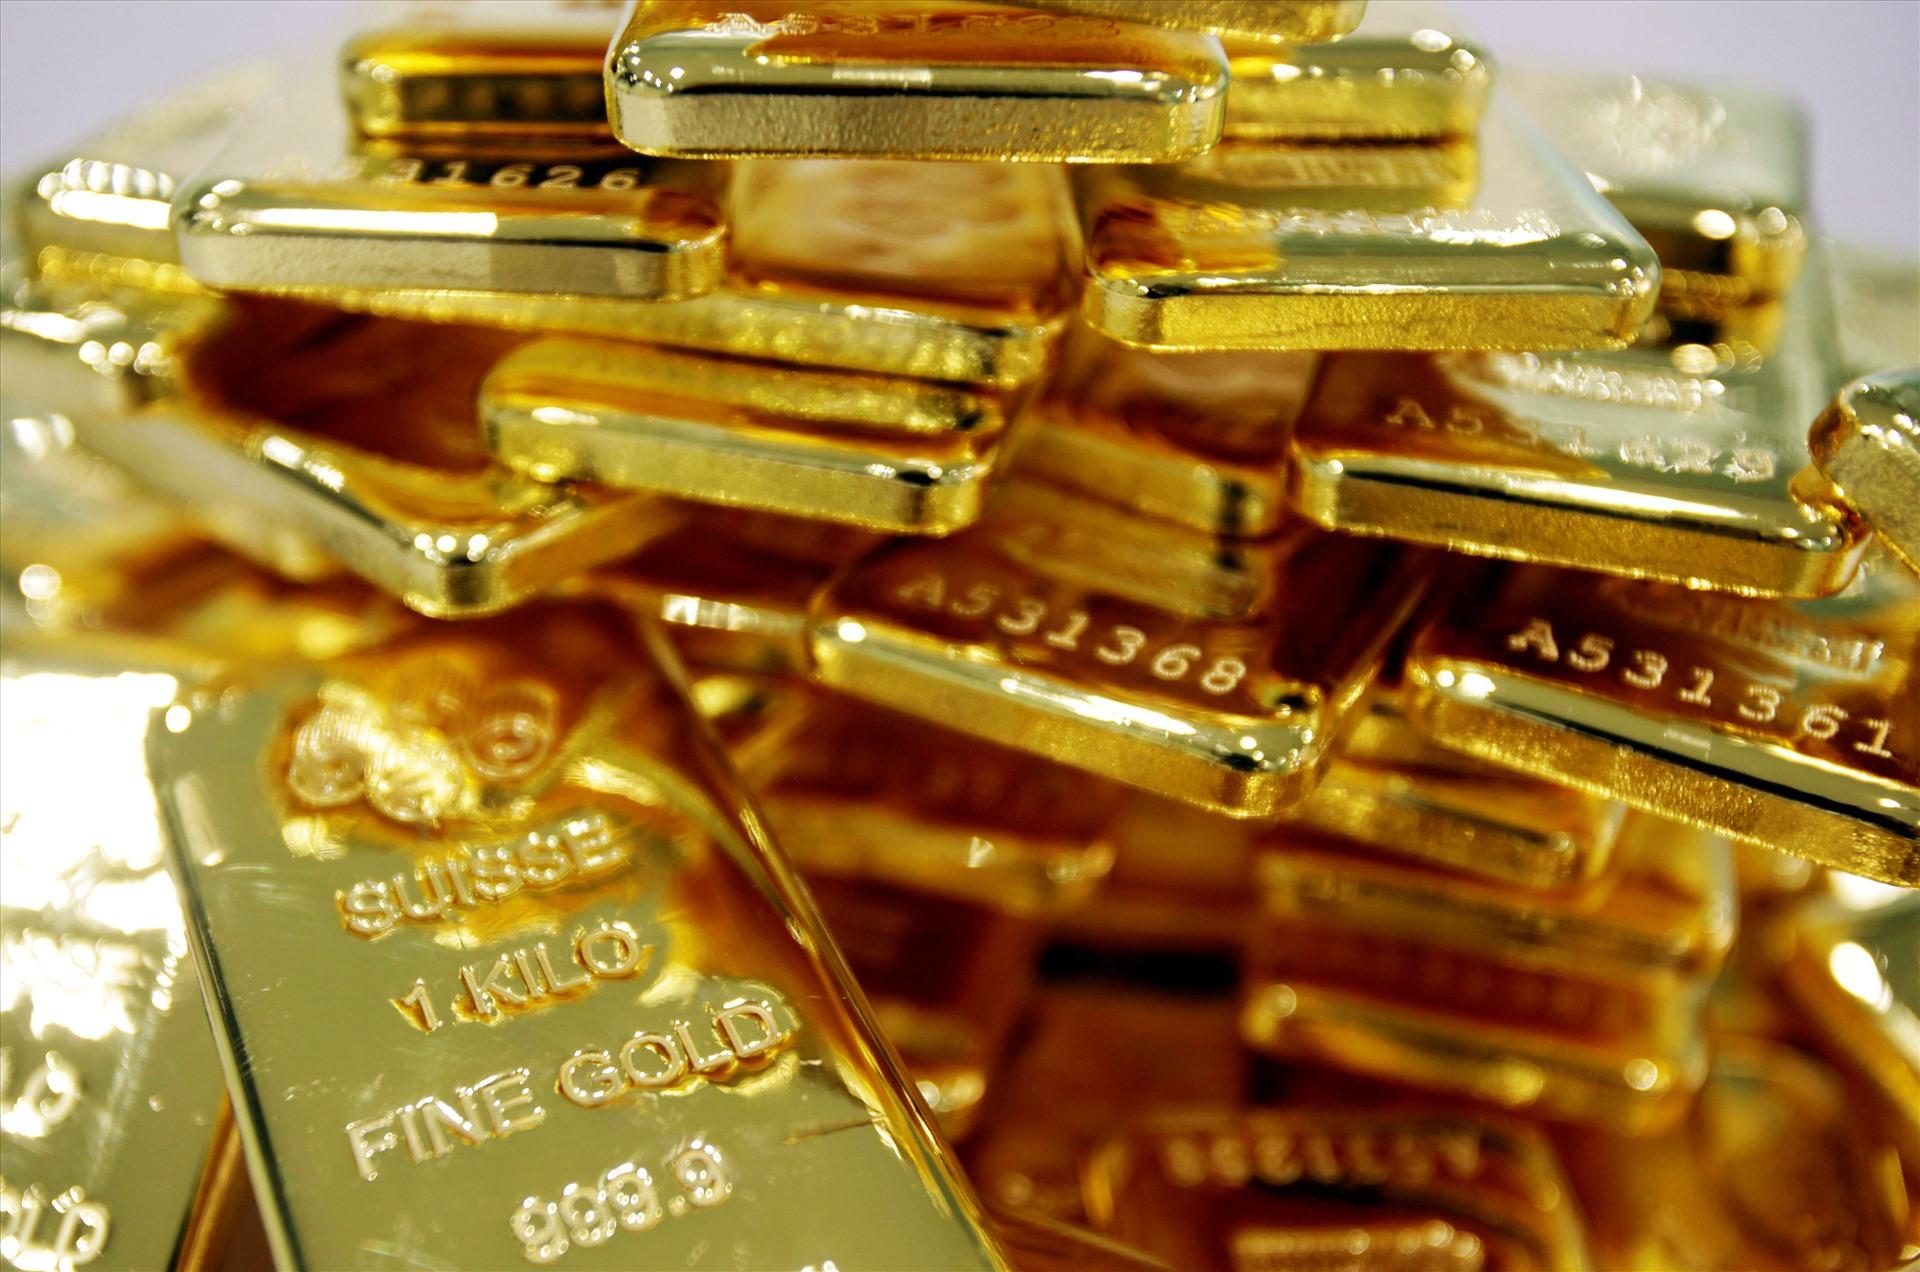 Giá vàng hôm nay 23.3: Chuẩn bị vào đà bứt phá, rủi ro giảm dần - giá vàng hôm nay